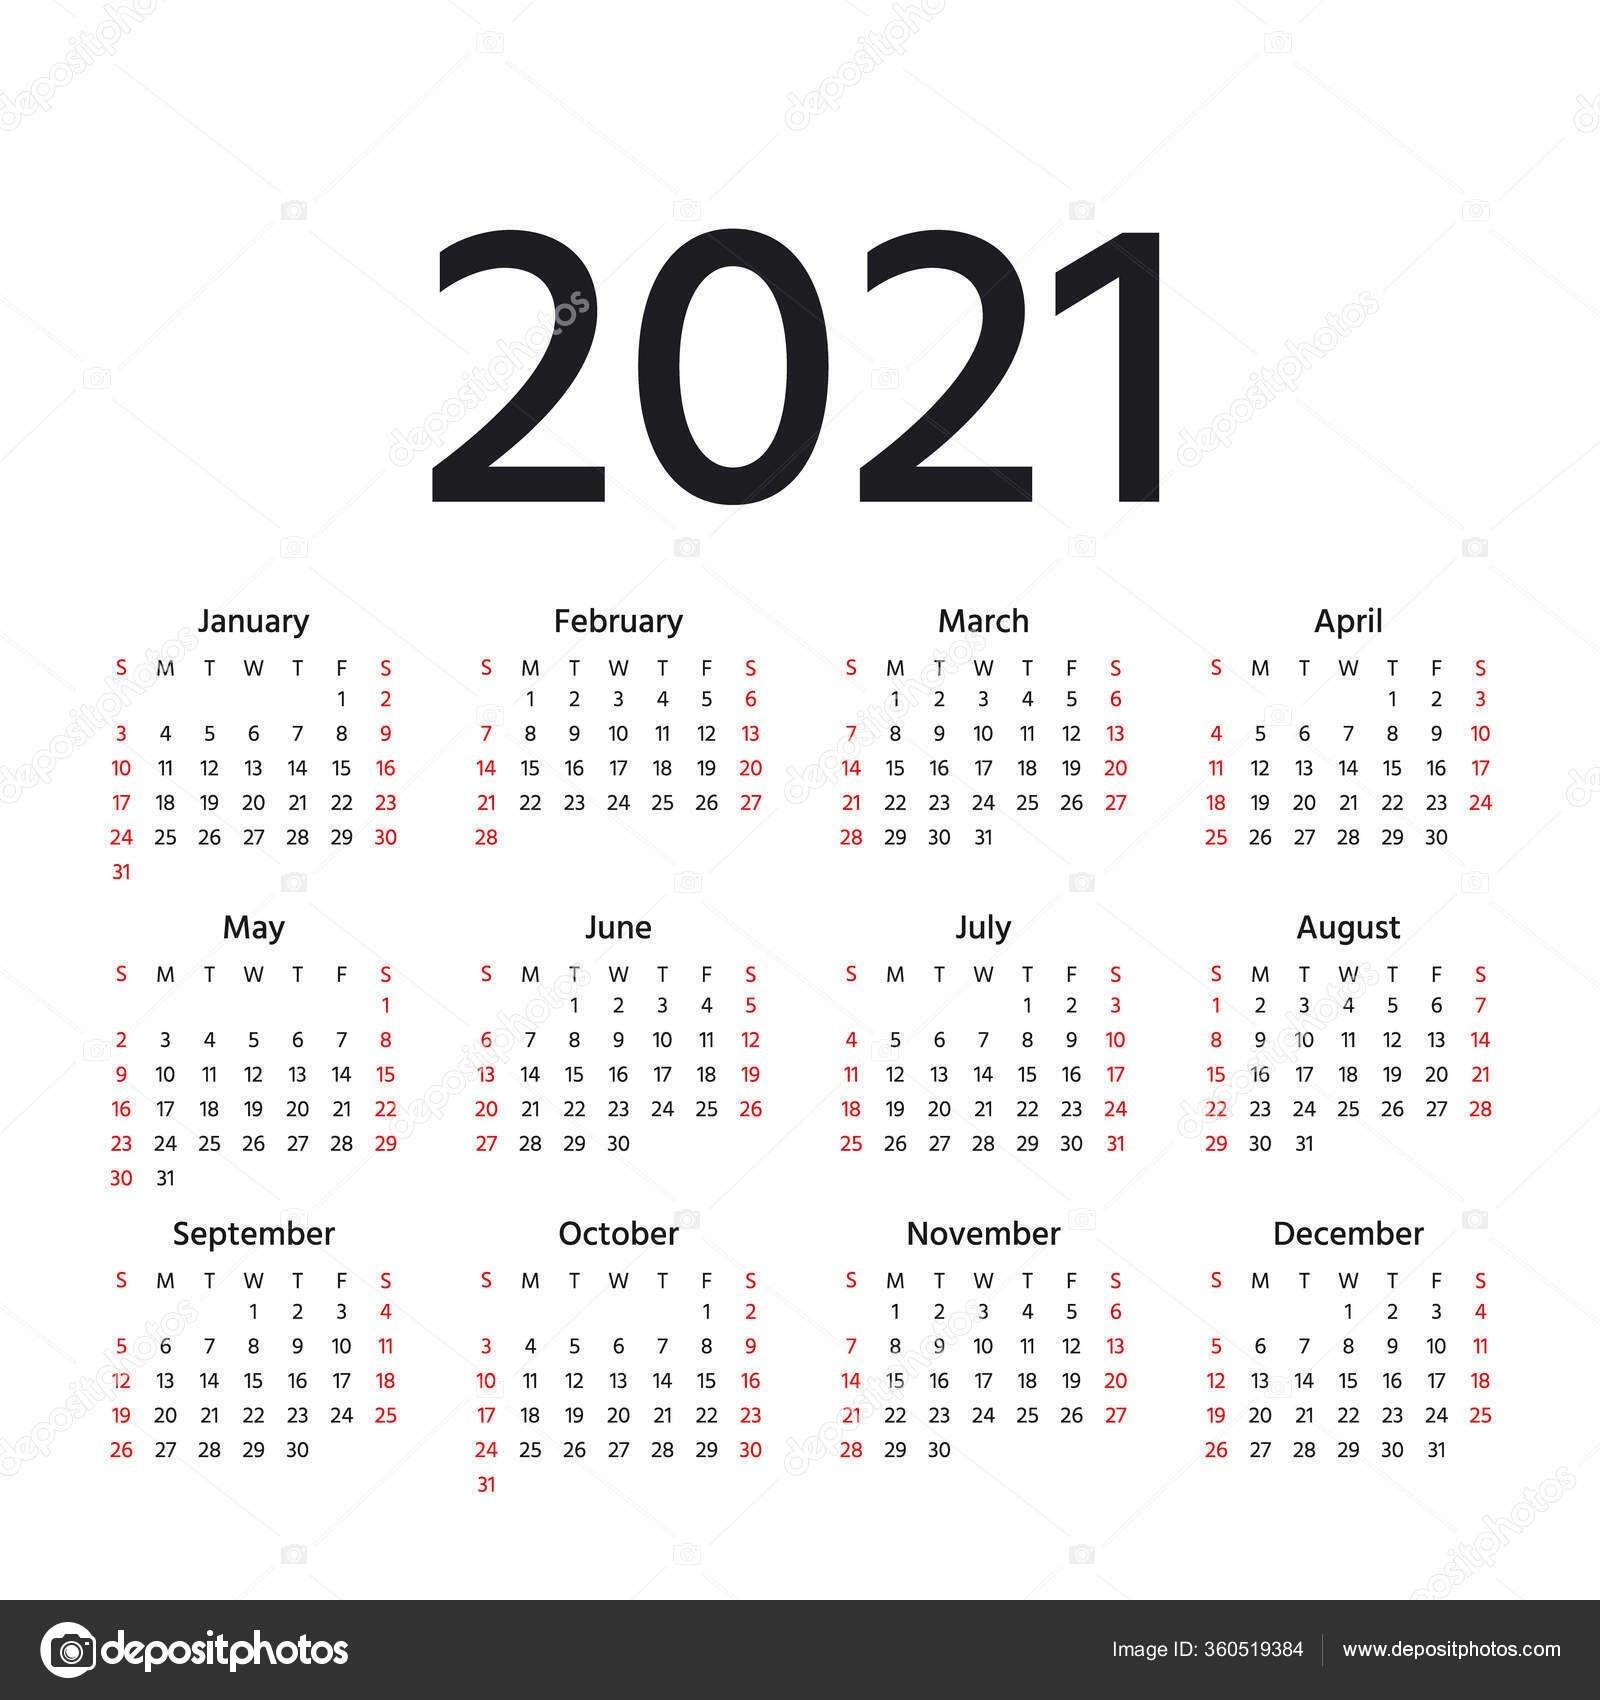 Календарь 2021 Год Вектор Неделя Начинается Воскресенье